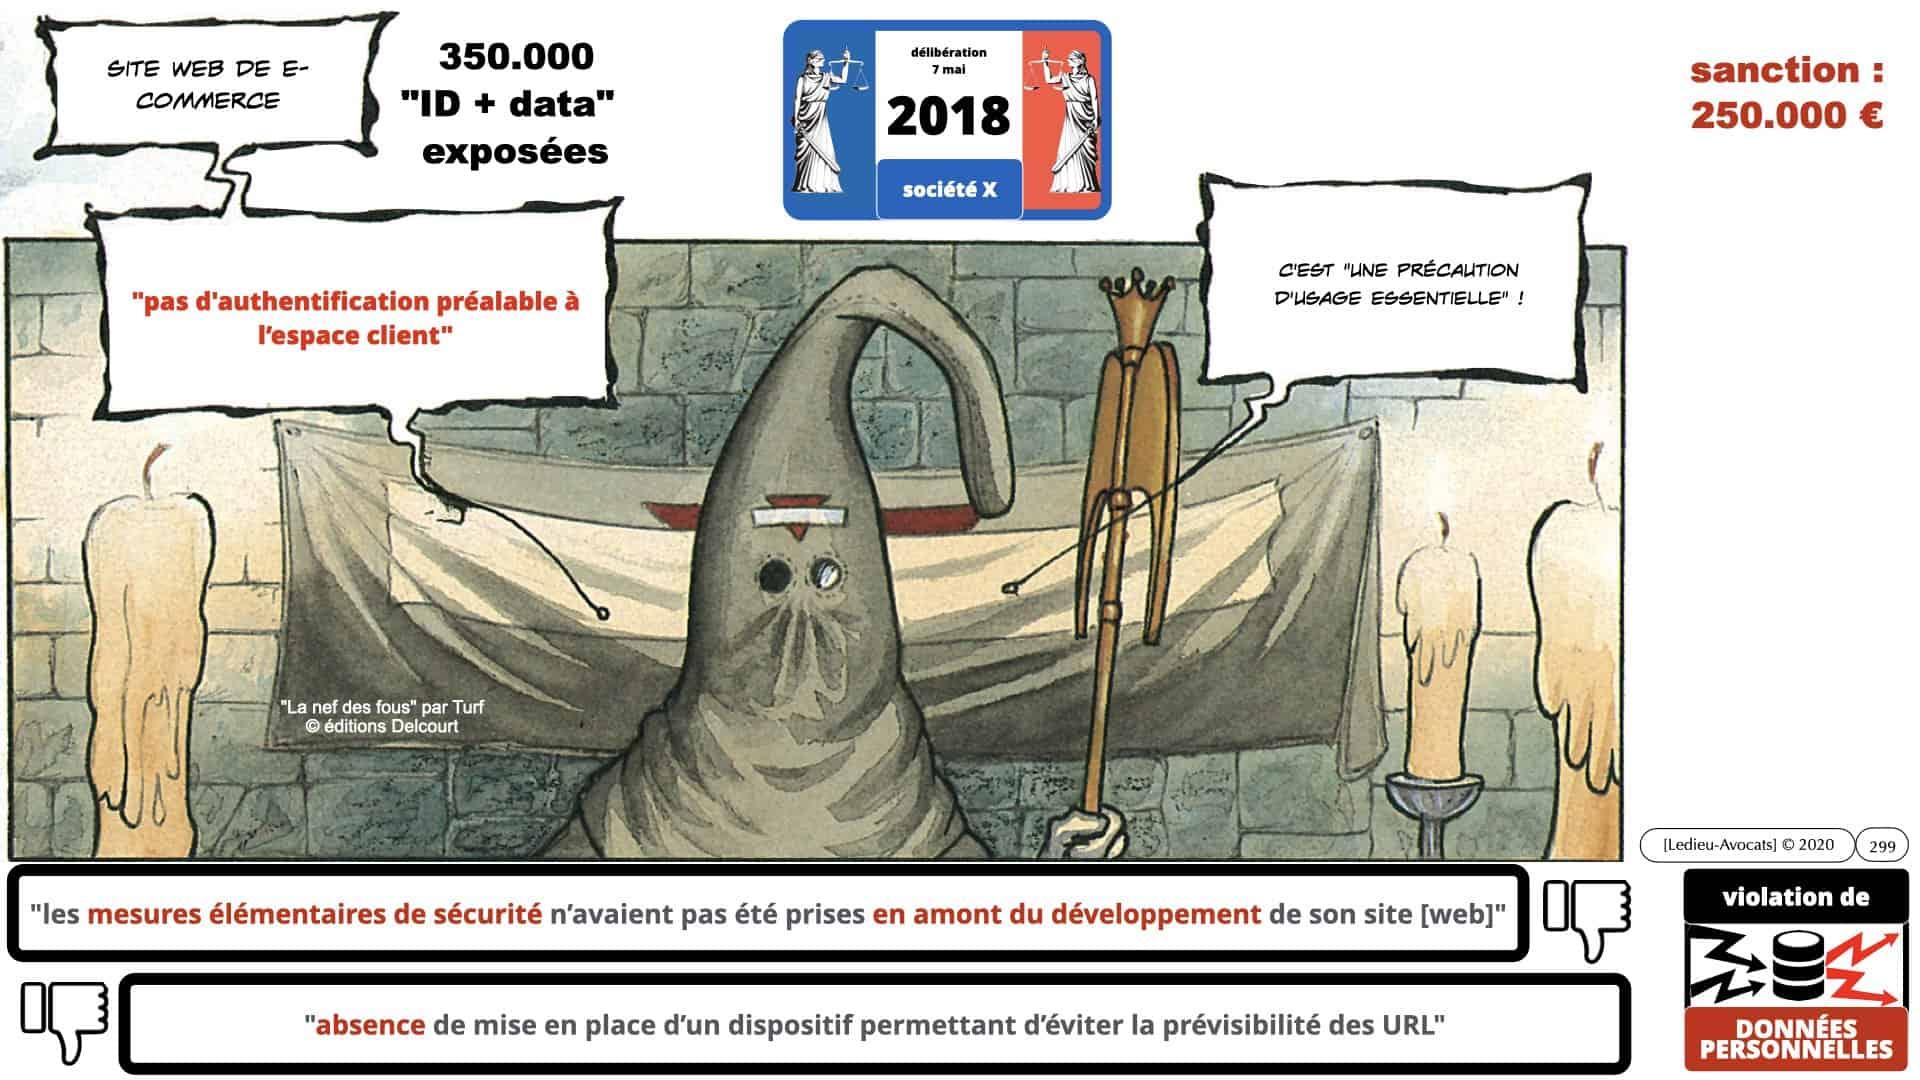 RGPD e-Privacy données personnelles jurisprudence formation Lamy Les Echos 10-02-2021 ©Ledieu-Avocats.299